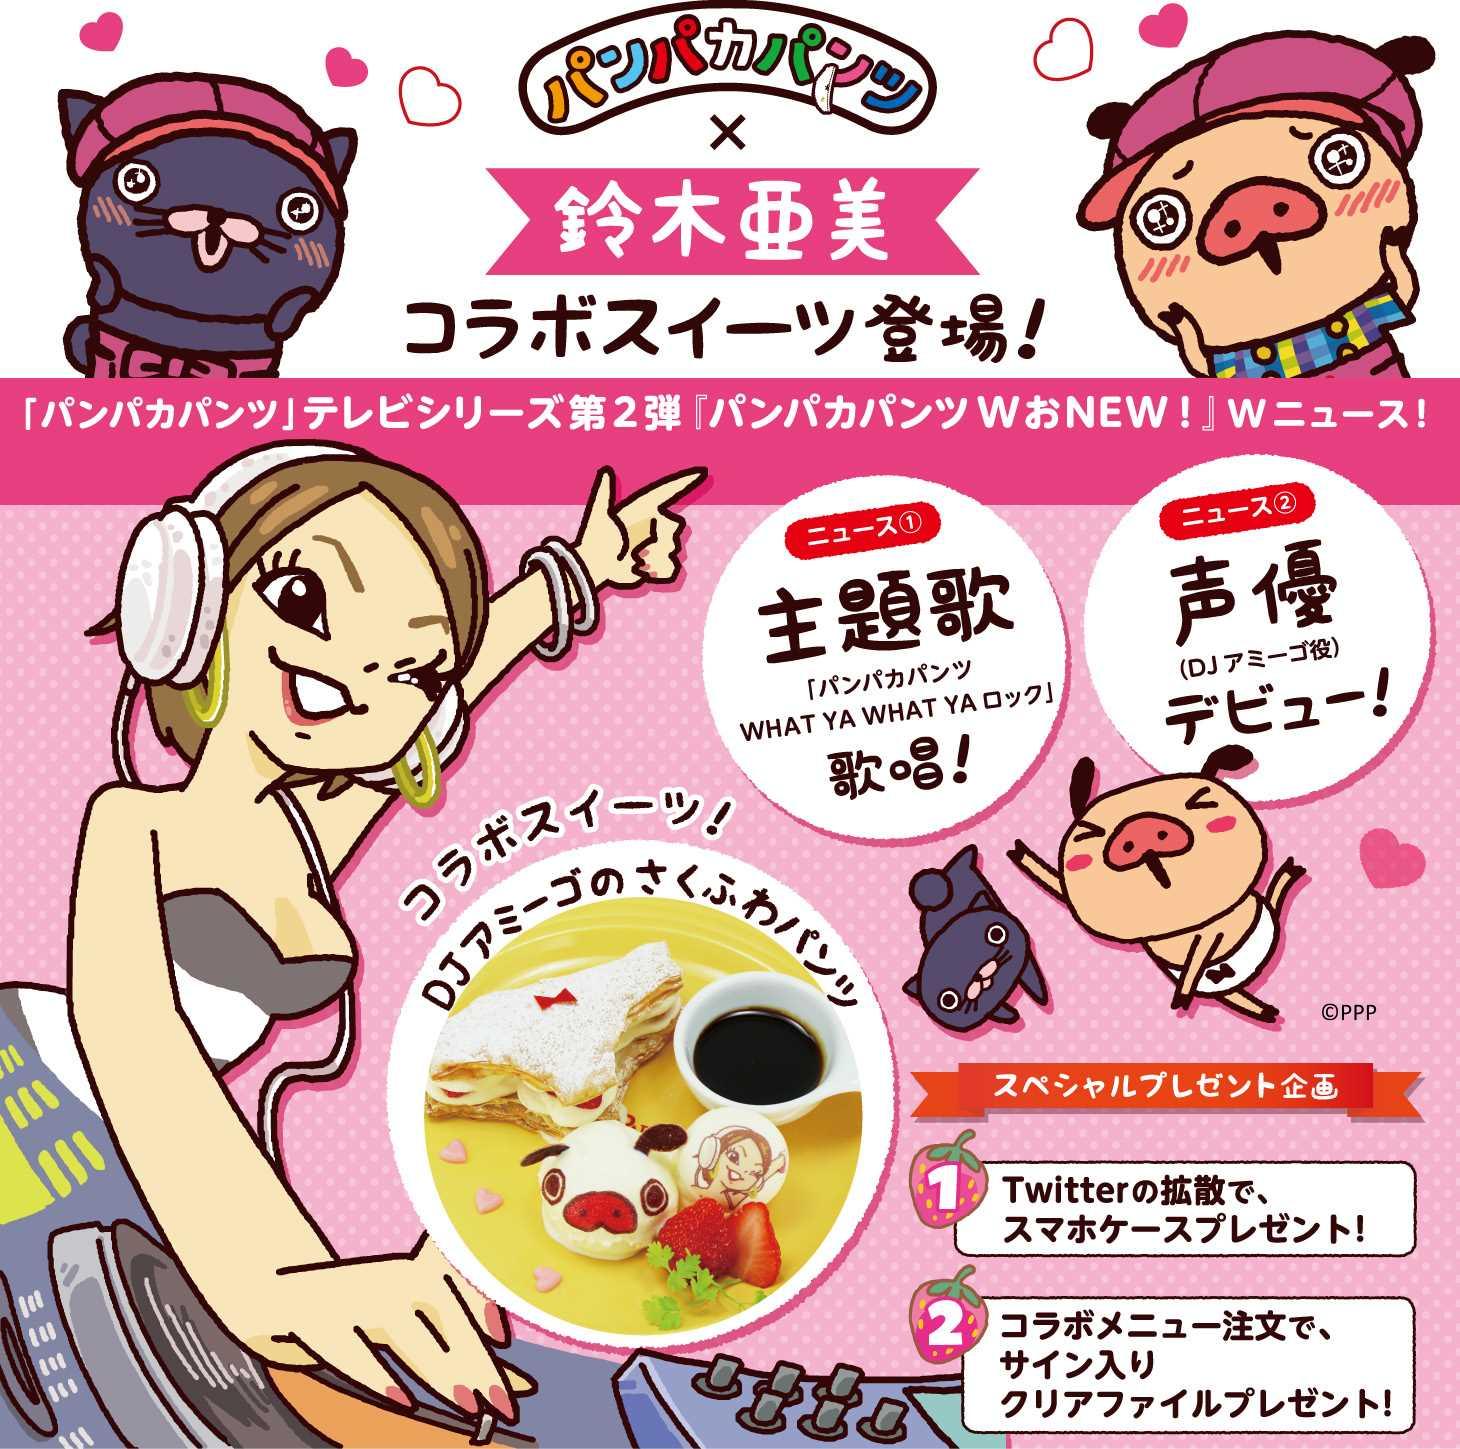 【4/1~4/27】パンパカパンツ×スイパラ 渋谷パルコ店でコラボカフェがスタート!